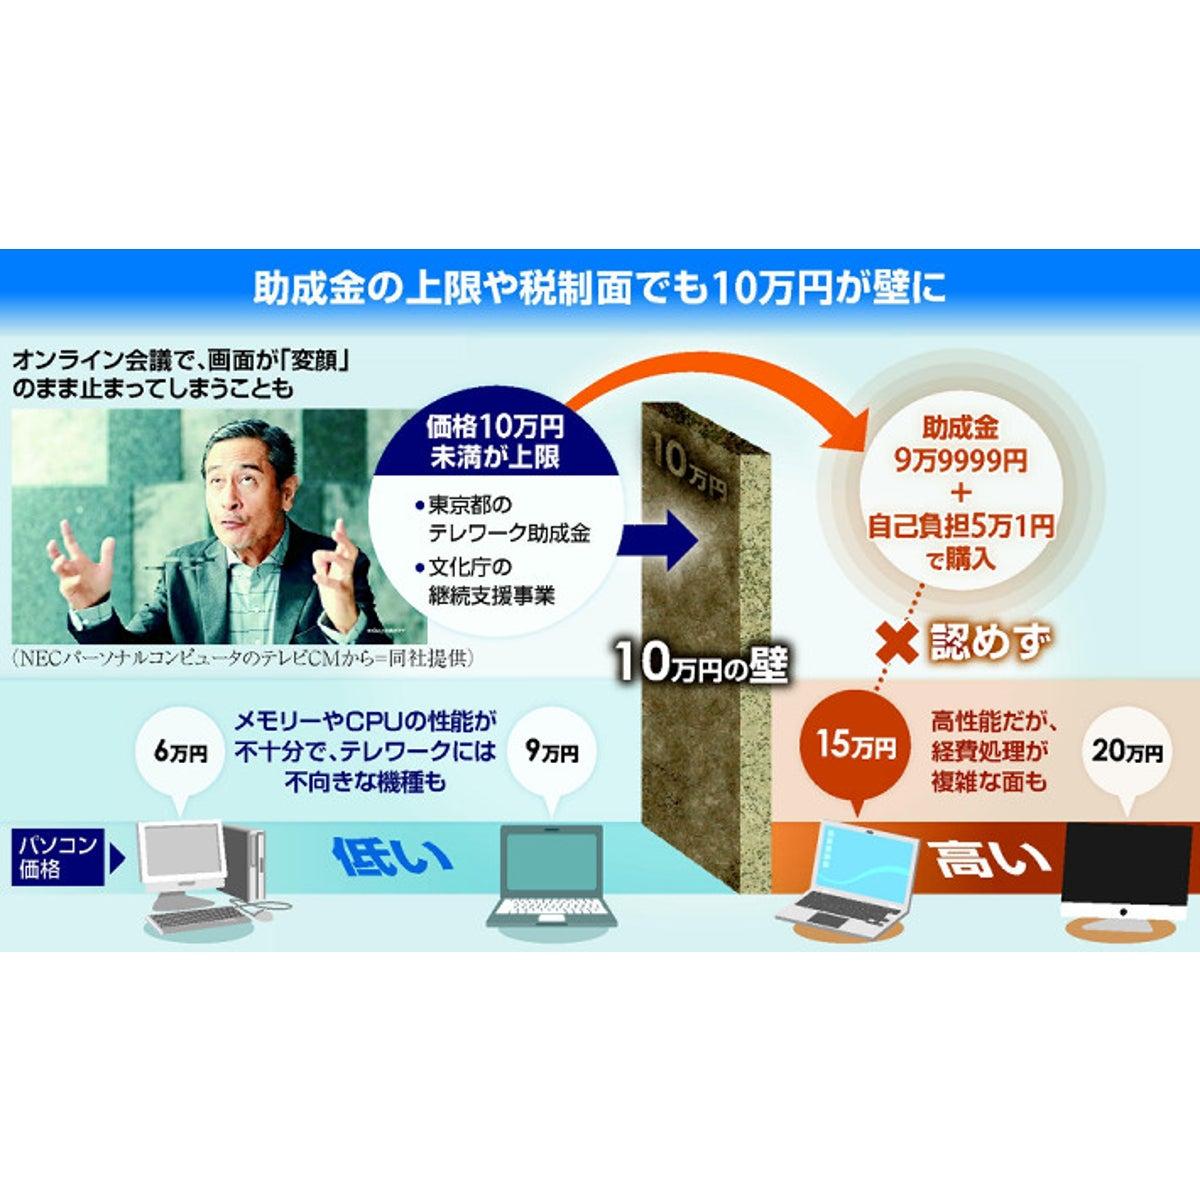 テレワーク阻む「10万円の壁」とは…SNSでも不満相次ぐ : 経済 ...